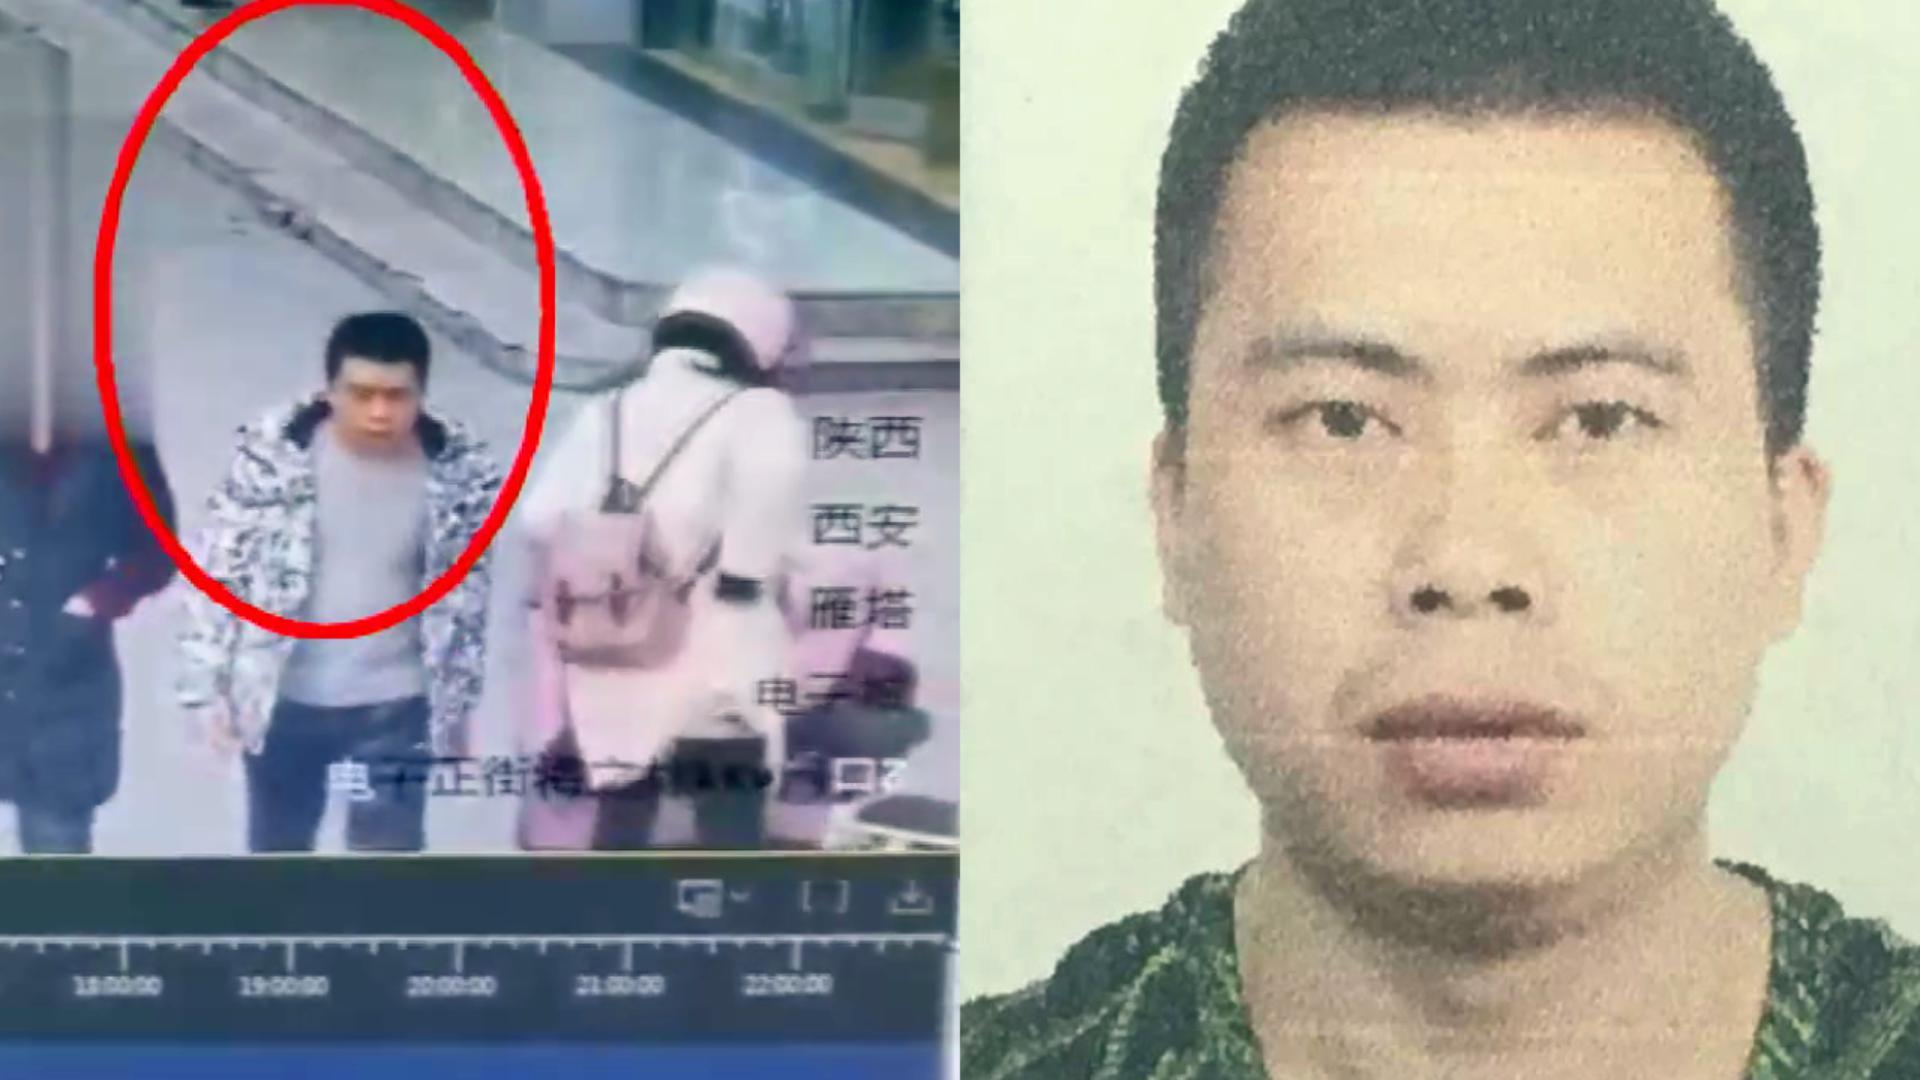 陕西一涉毒男子当街刺伤民警后抢车潜逃!警方通缉该涉毒男子